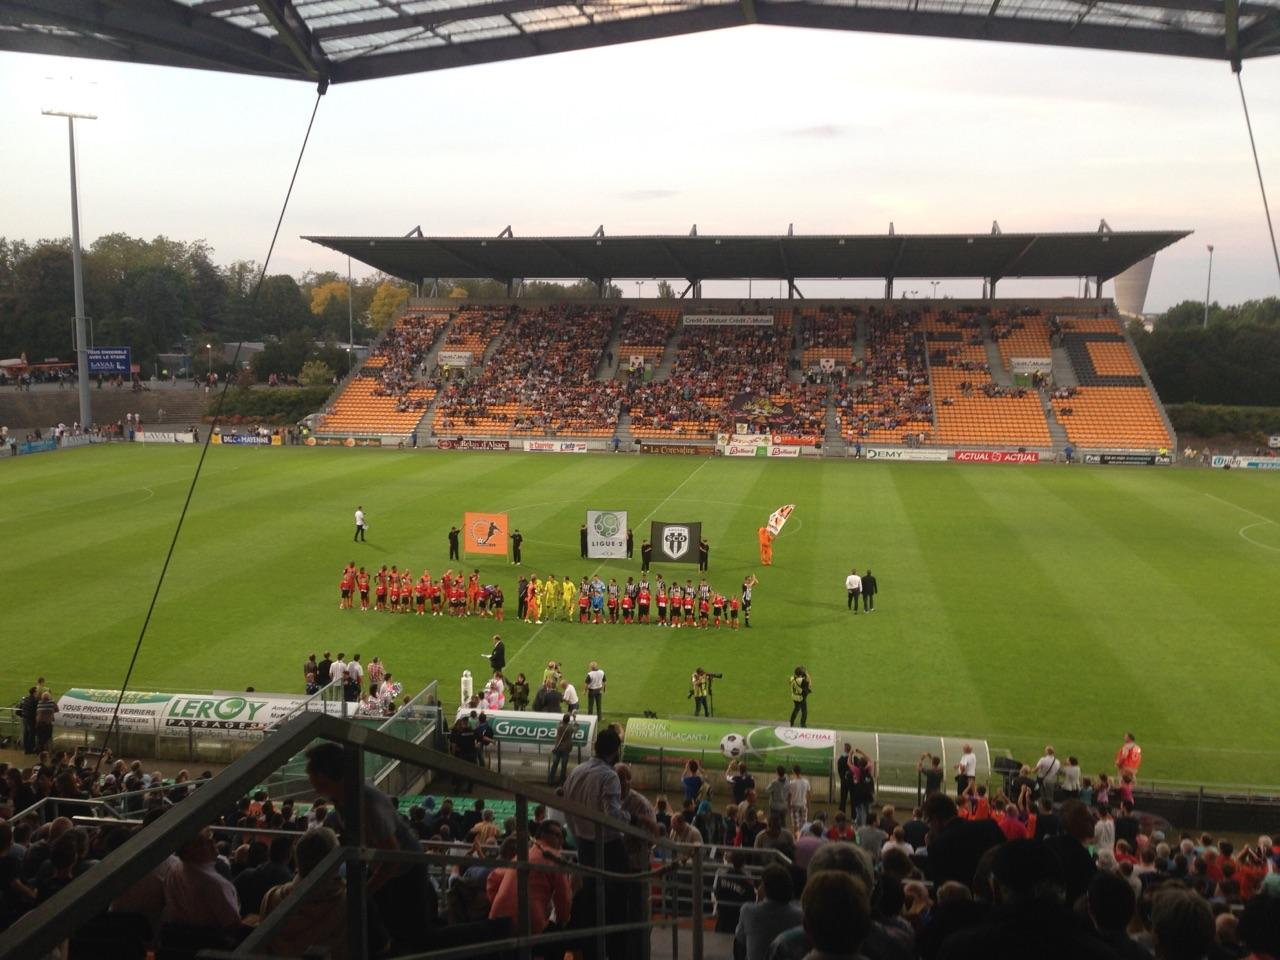 Stade Francis Le Basser Secção Loge Fila 4